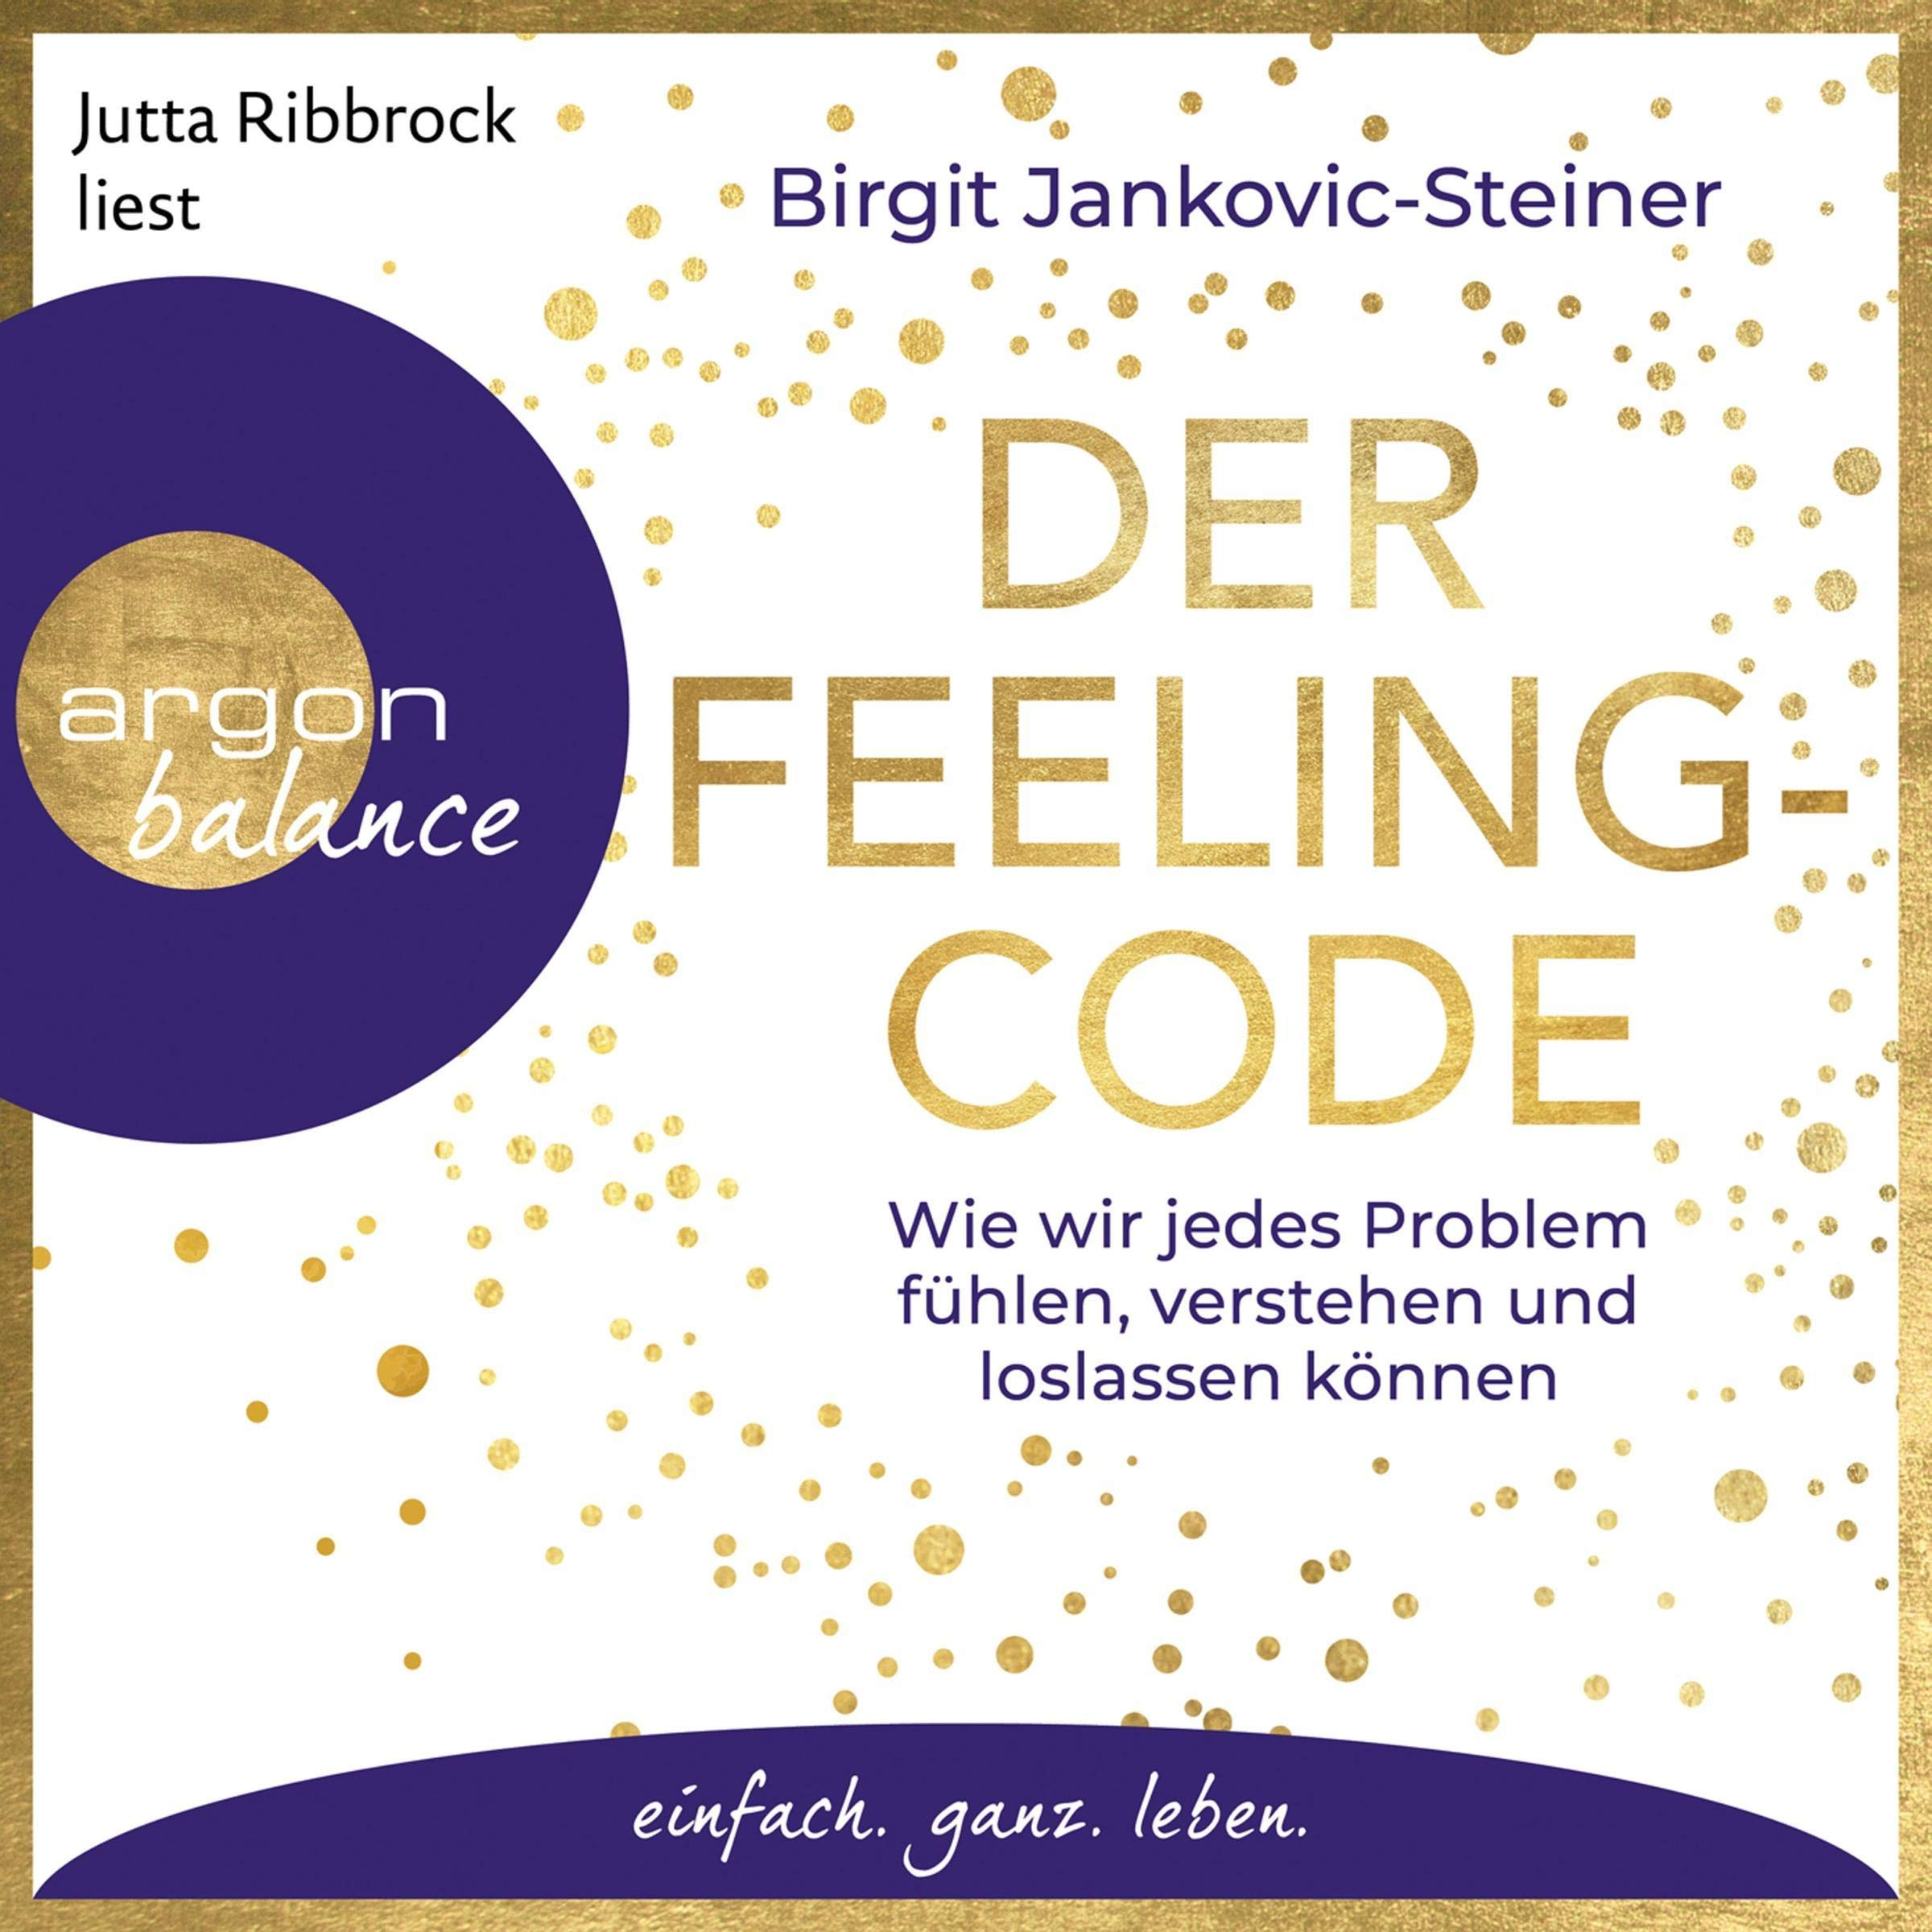 Der Feeling Code  Wie Wir Jedes Problem Fühlen Verstehen Und Loslassen Können